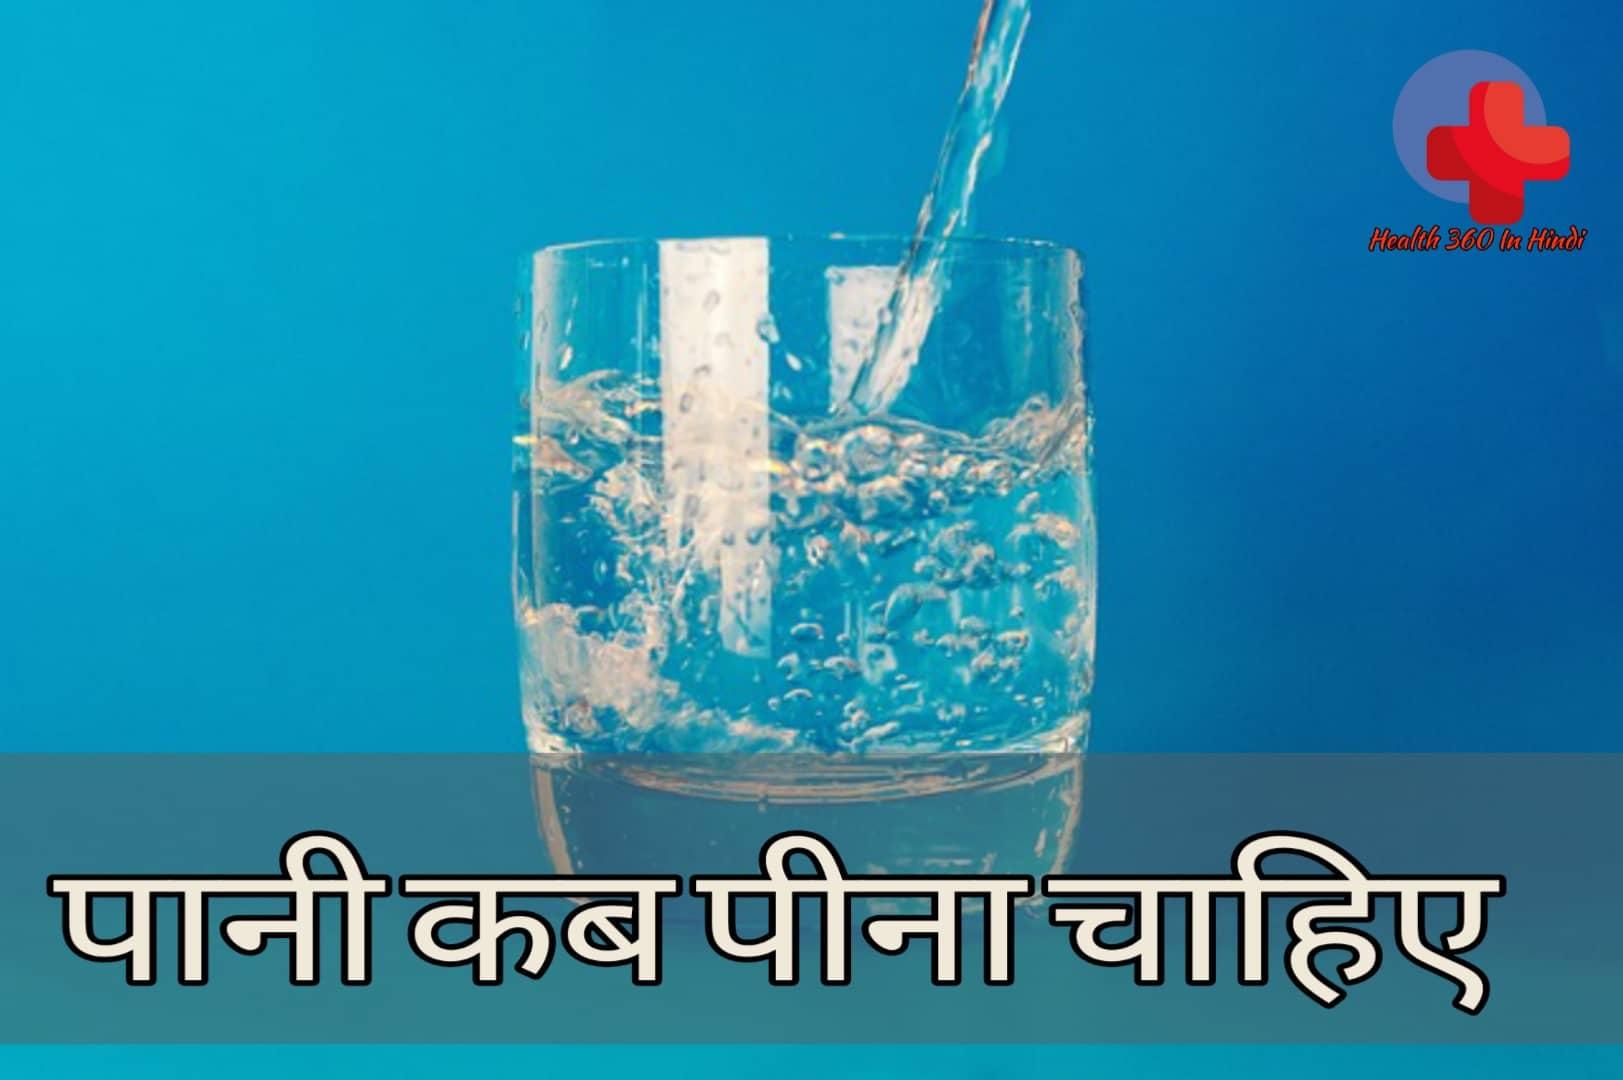 पानी पीने के लिए 8 सर्वश्रेष्ठ समय  Best Time to Drink Water in Hindi